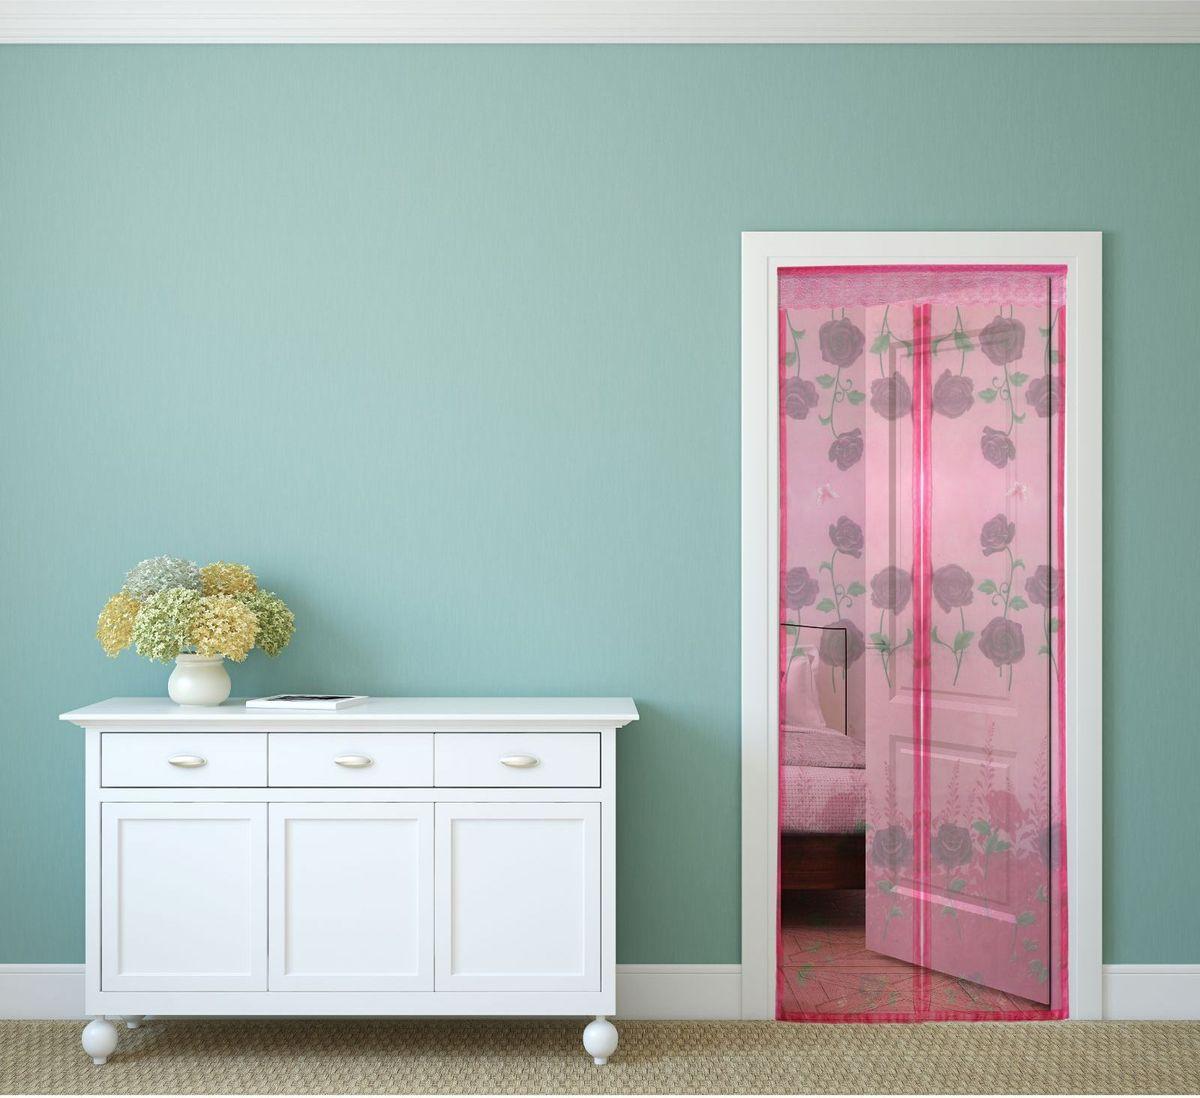 Сетка антимоскитная Цветы, на магнитной ленте, цвет: розовый, 80 х 210 см09840-20.000.00Занавес от насекомых на магнитной ленте универсален в использовании: подвесьте его при входе в садовый дом или балкон, чтобы предотвратить попадание комаров внутрь жилища. Наслаждайтесь свежим воздухом без компании надоедливых насекомых!Чтобы зафиксировать занавес в дверном проеме, достаточно закрепить занавеску по периметру двери с помощью кнопок, идущих в комплекте.Принцип действия занавеса предельно прост: каждый раз, когда вы будете проходить сквозь шторы, они автоматически «захлопнутся» за вами благодаря магнитам, расположенным по всей его длине.